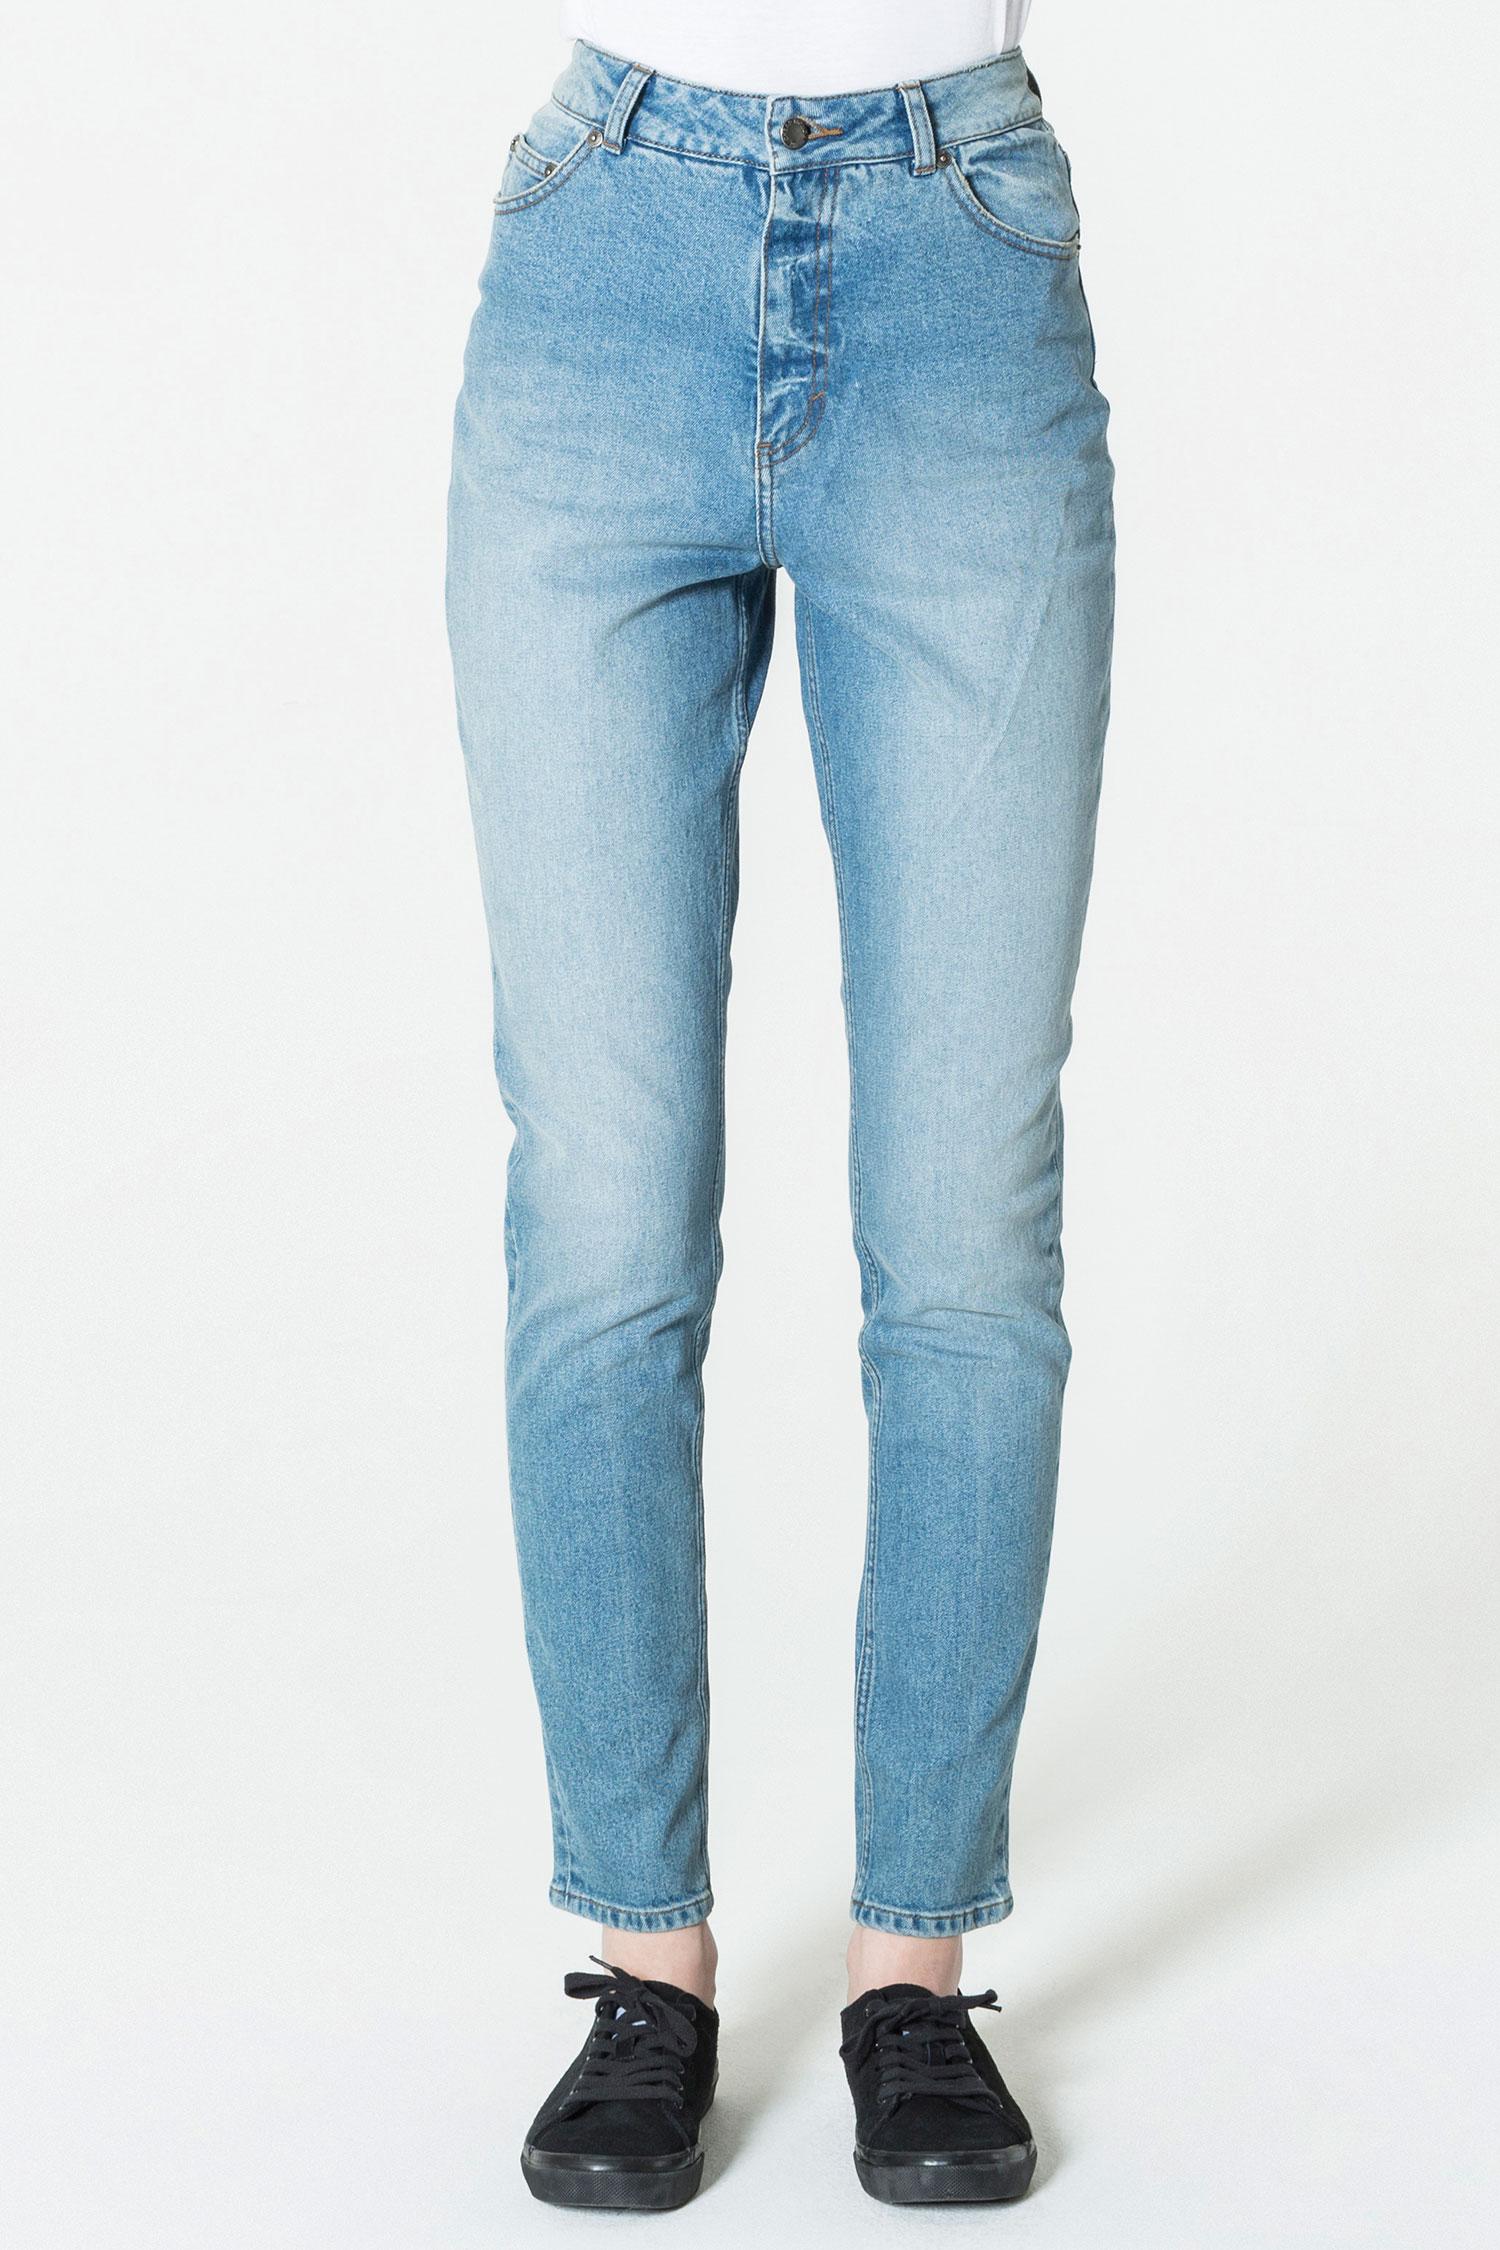 slim fit jeans - shop womenu0027s jeans online - cheapmonday.com uuuoebp